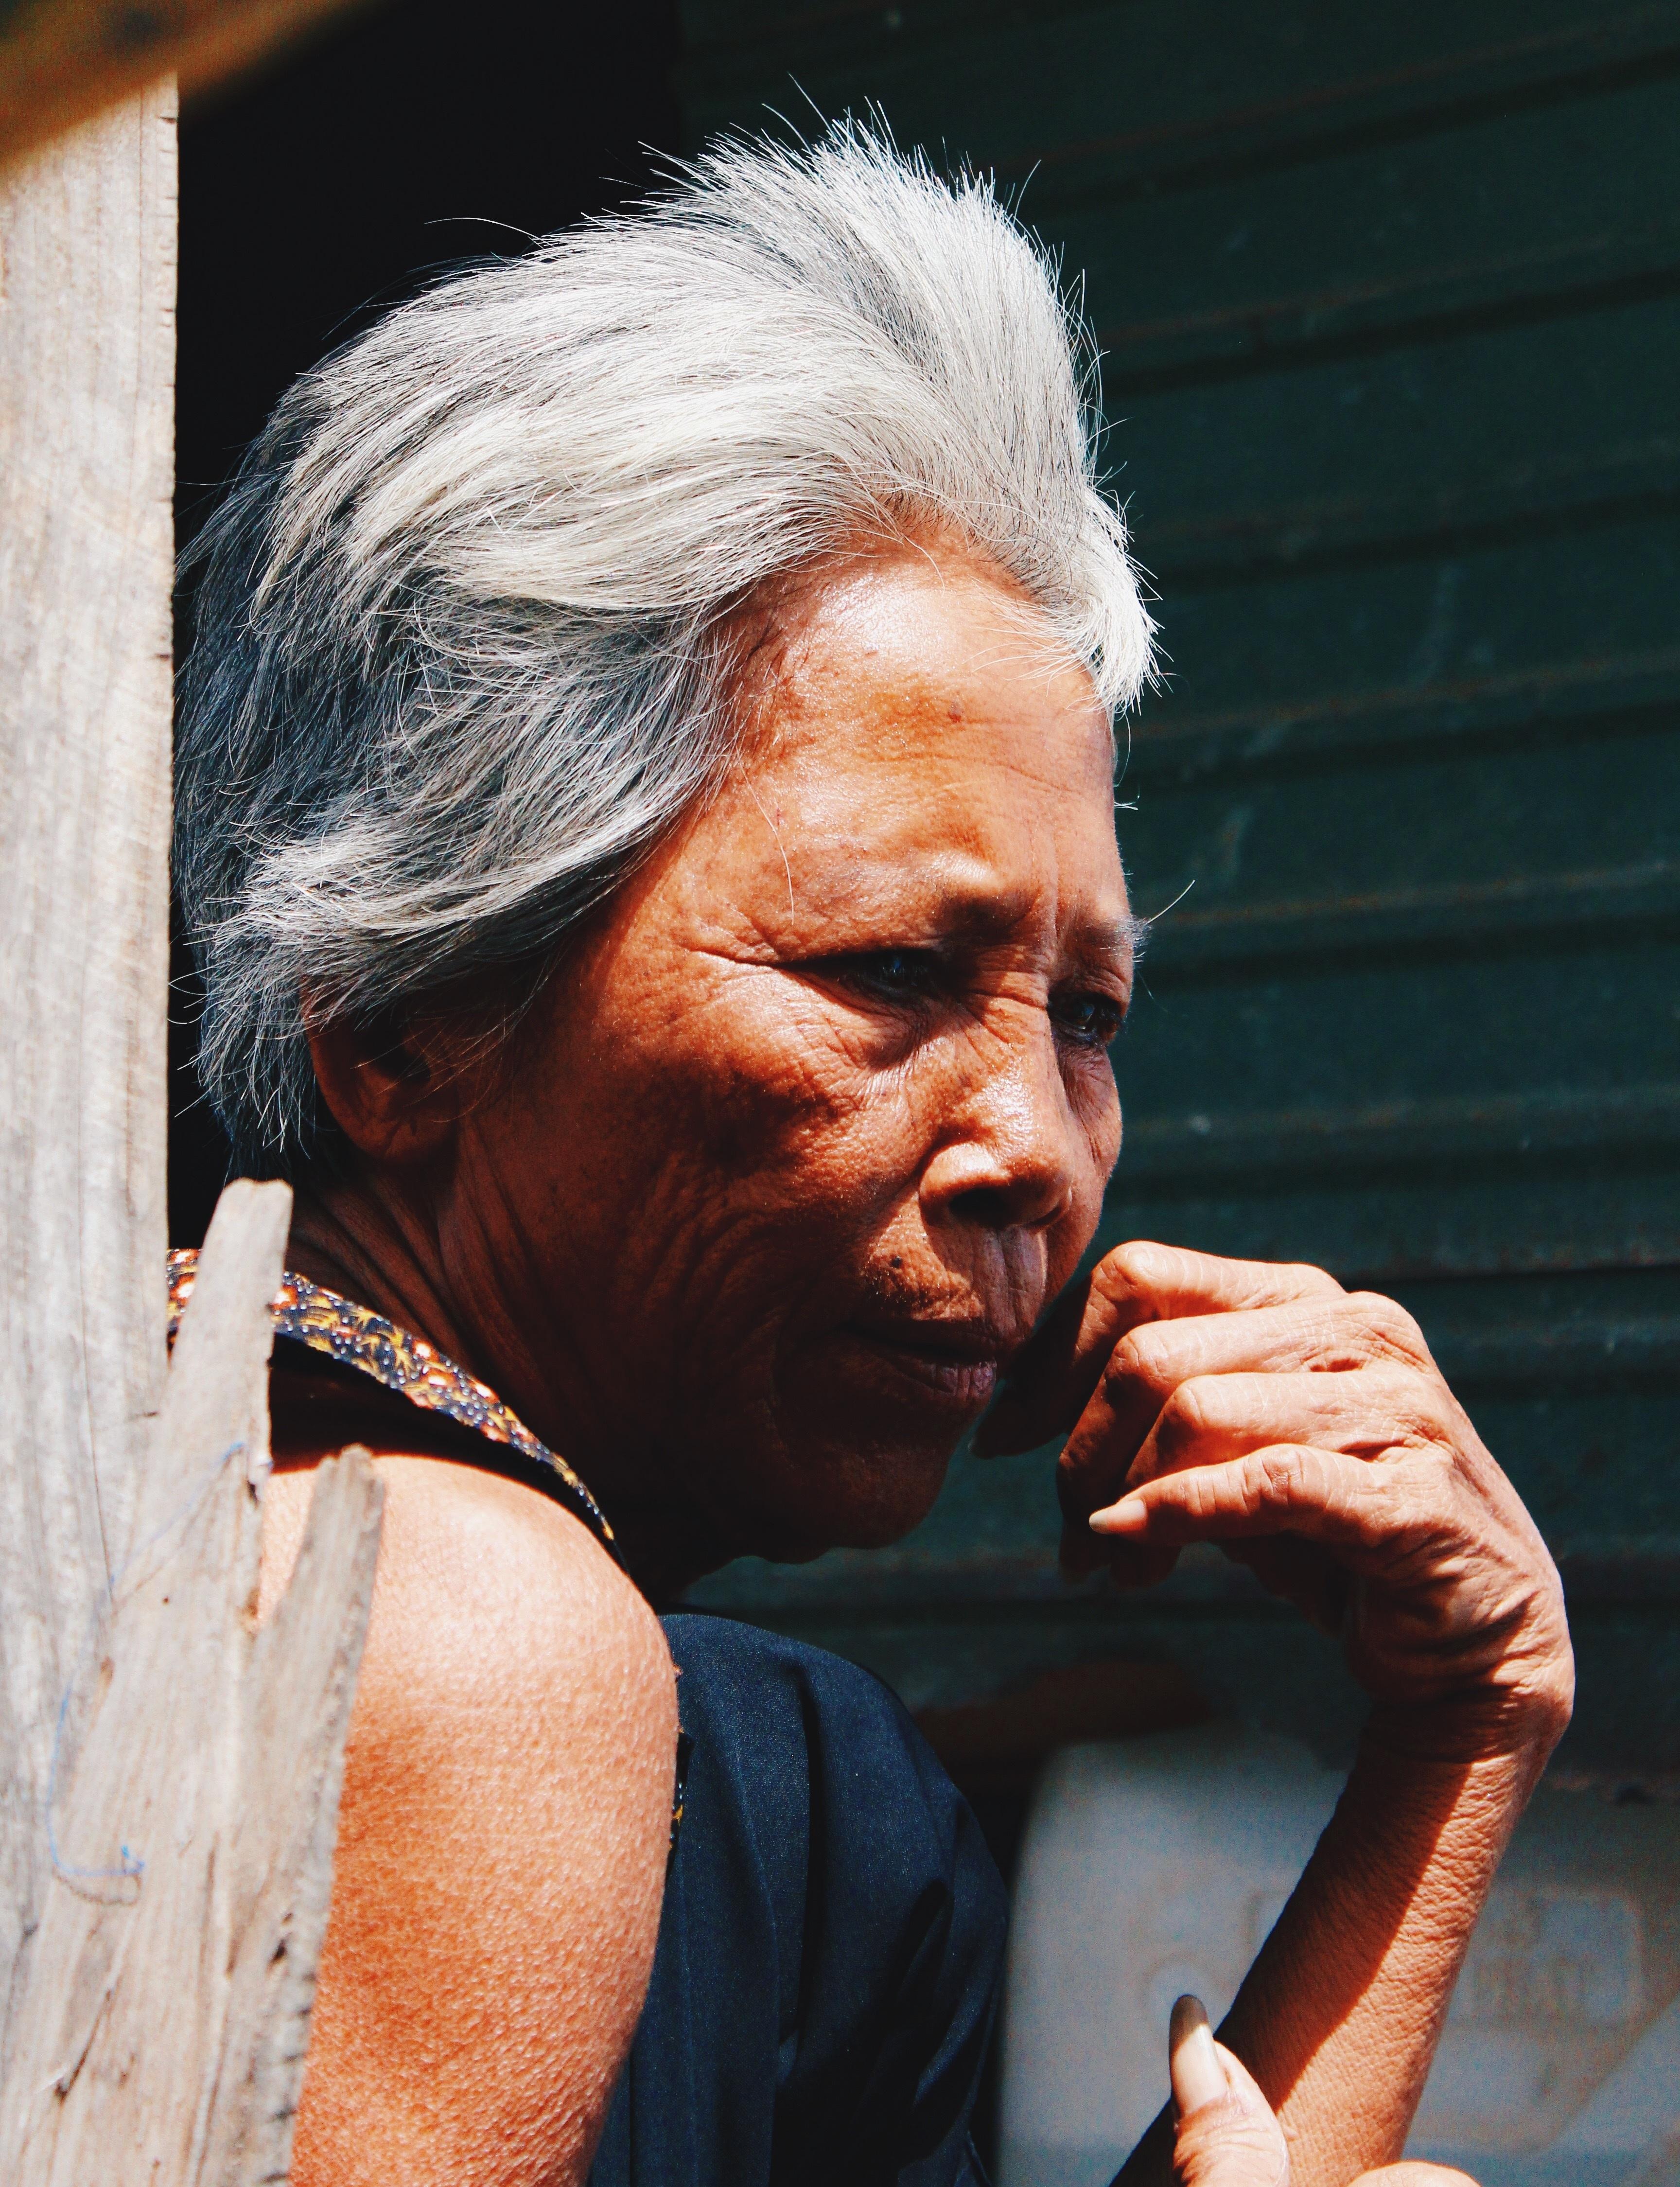 8dce7b40 Mann person kvinne hår gammel mann hunn portrett grå dame ansiktsuttrykk  frisyre bestemor eldre ansikt nese